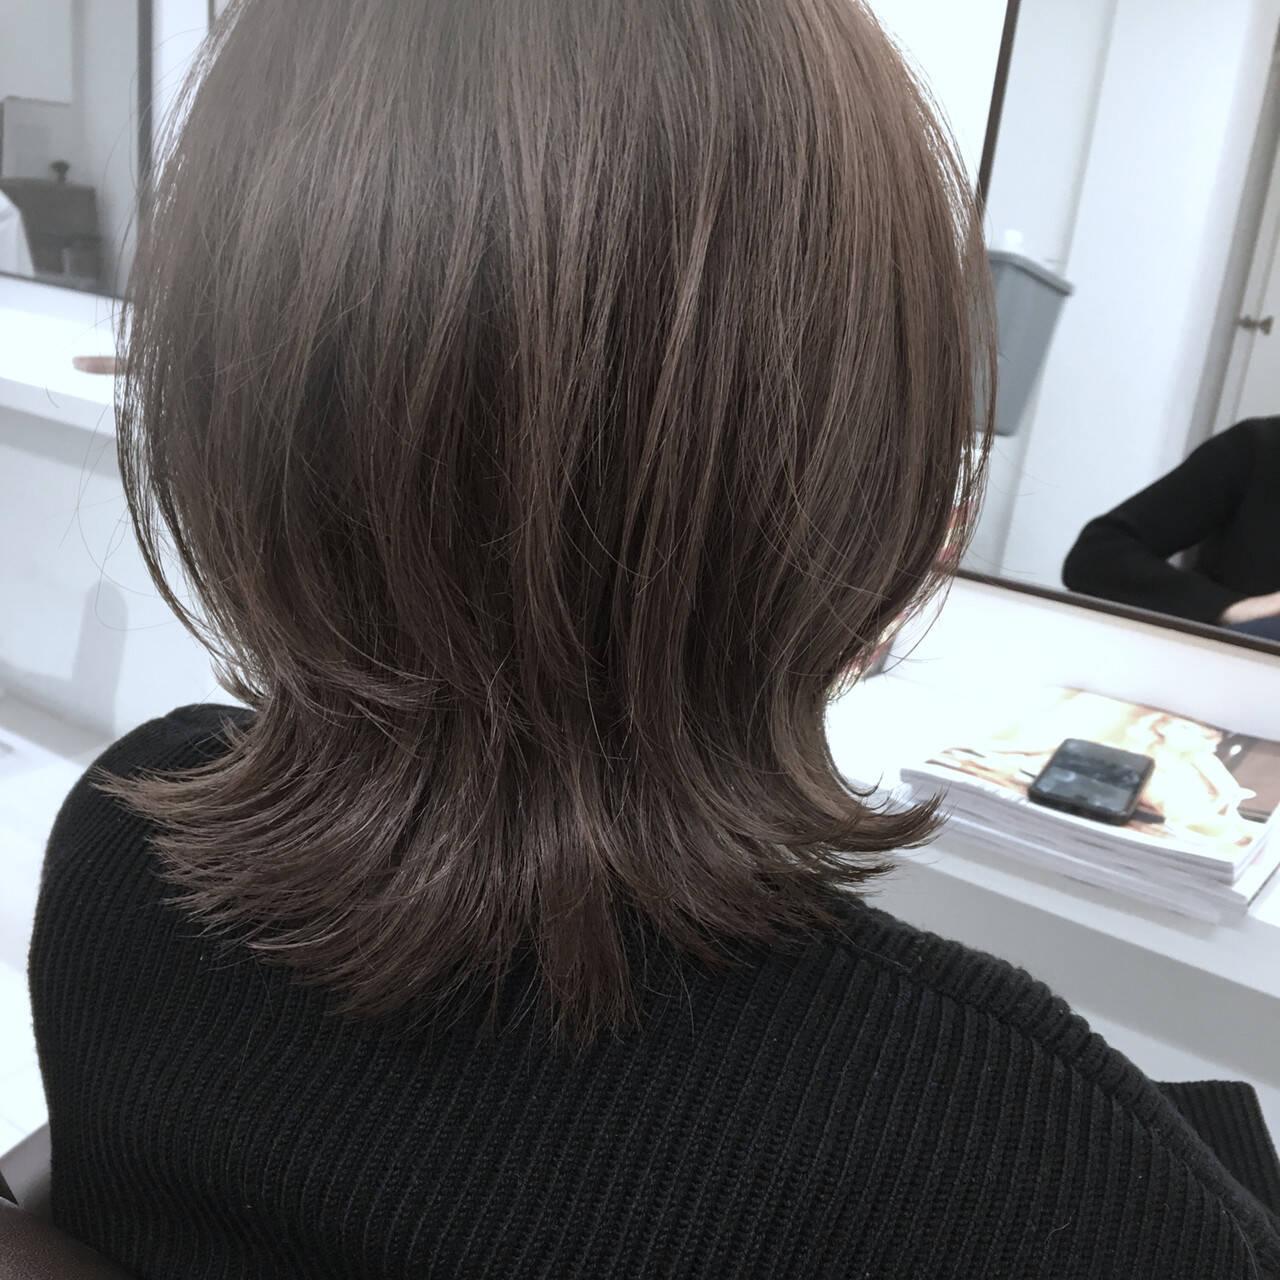 ナチュラル ミディアム マッシュウルフ ウルフカットヘアスタイルや髪型の写真・画像